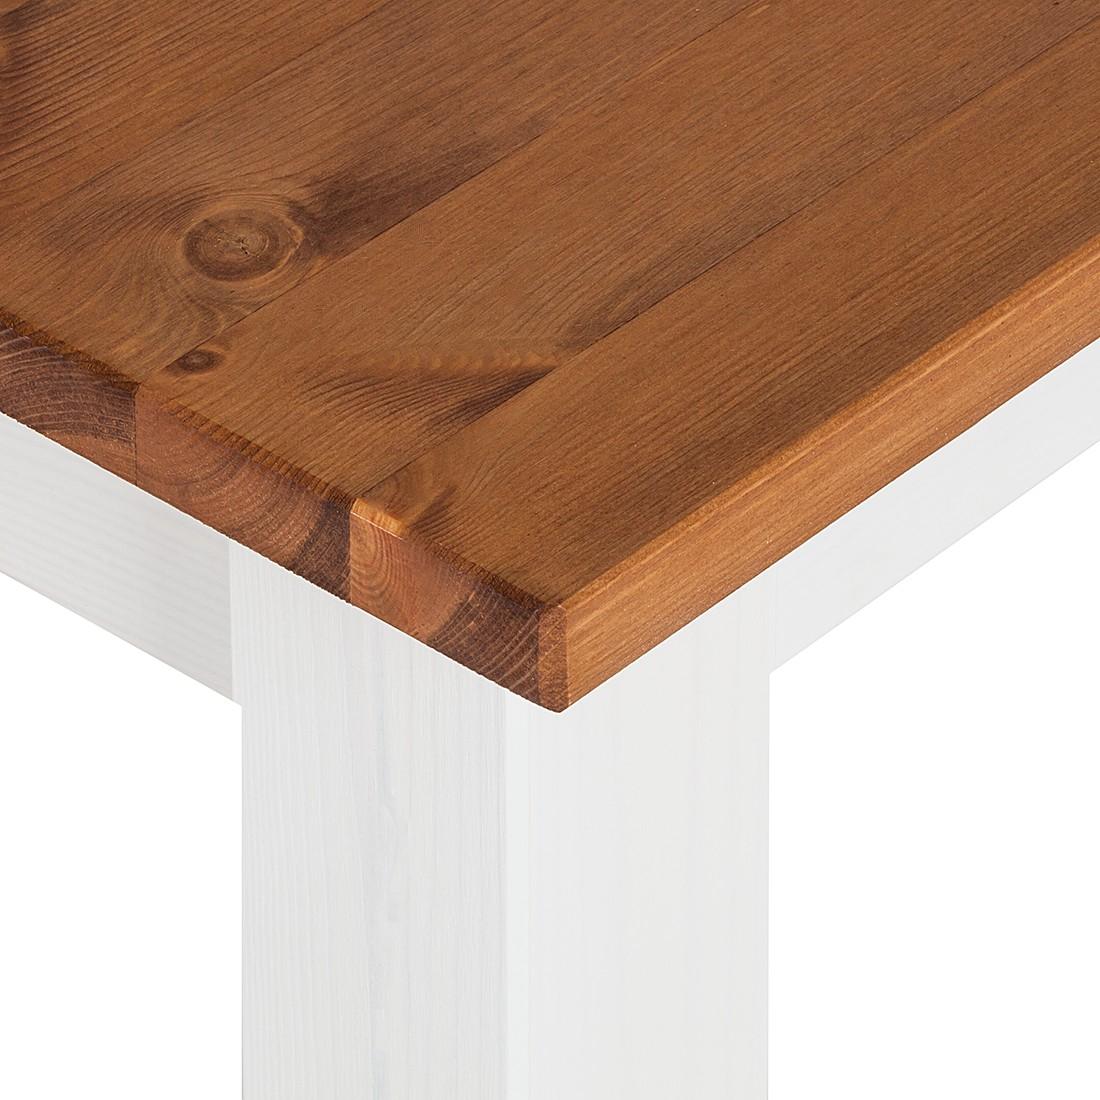 Massivholztisch Von Lars Larson Bei Home24 Bestellen | Home24